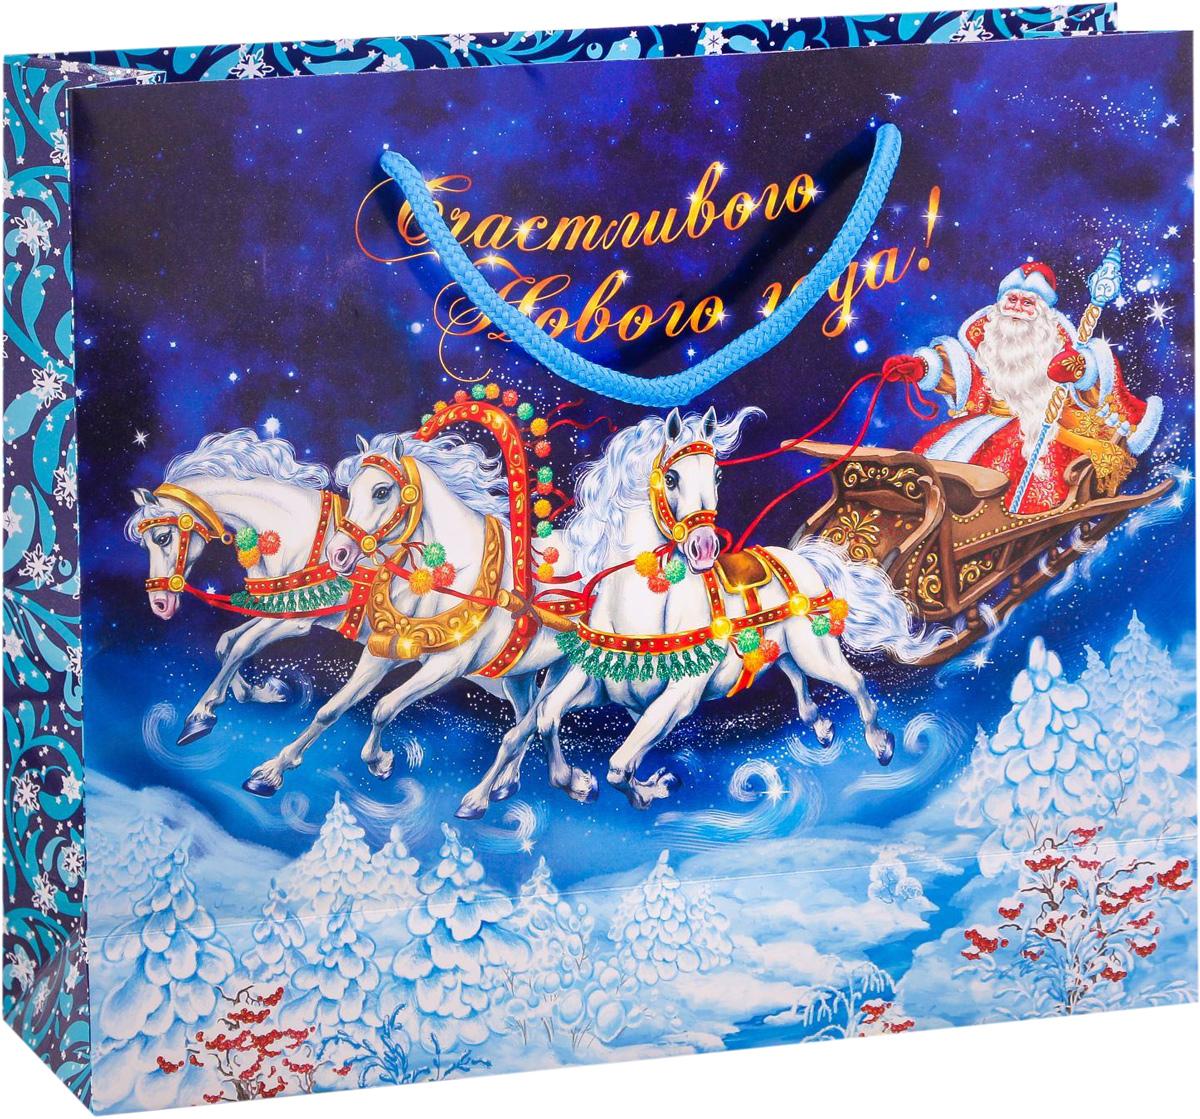 Пакет подарочный Дарите Счастье Волшебство, горизонтальный, 27 х 23 х 8 см2113809Привлекательная упаковка послужит достойным украшением любого, даже самого скромного подарка. Она поможет создать интригу и продлить время предвкушения чуда - момента, когда презент окажется в руках адресата. Подарочный пакет Дарите Счастье Волшебство имеет яркий, оригинальный дизайн, который обязательно понравится получателю! Изделие выполнено из плотной бумаги, благодаря чему обеспечит надёжную защиту содержимого.Размер: 27 х 23 х 8 см.